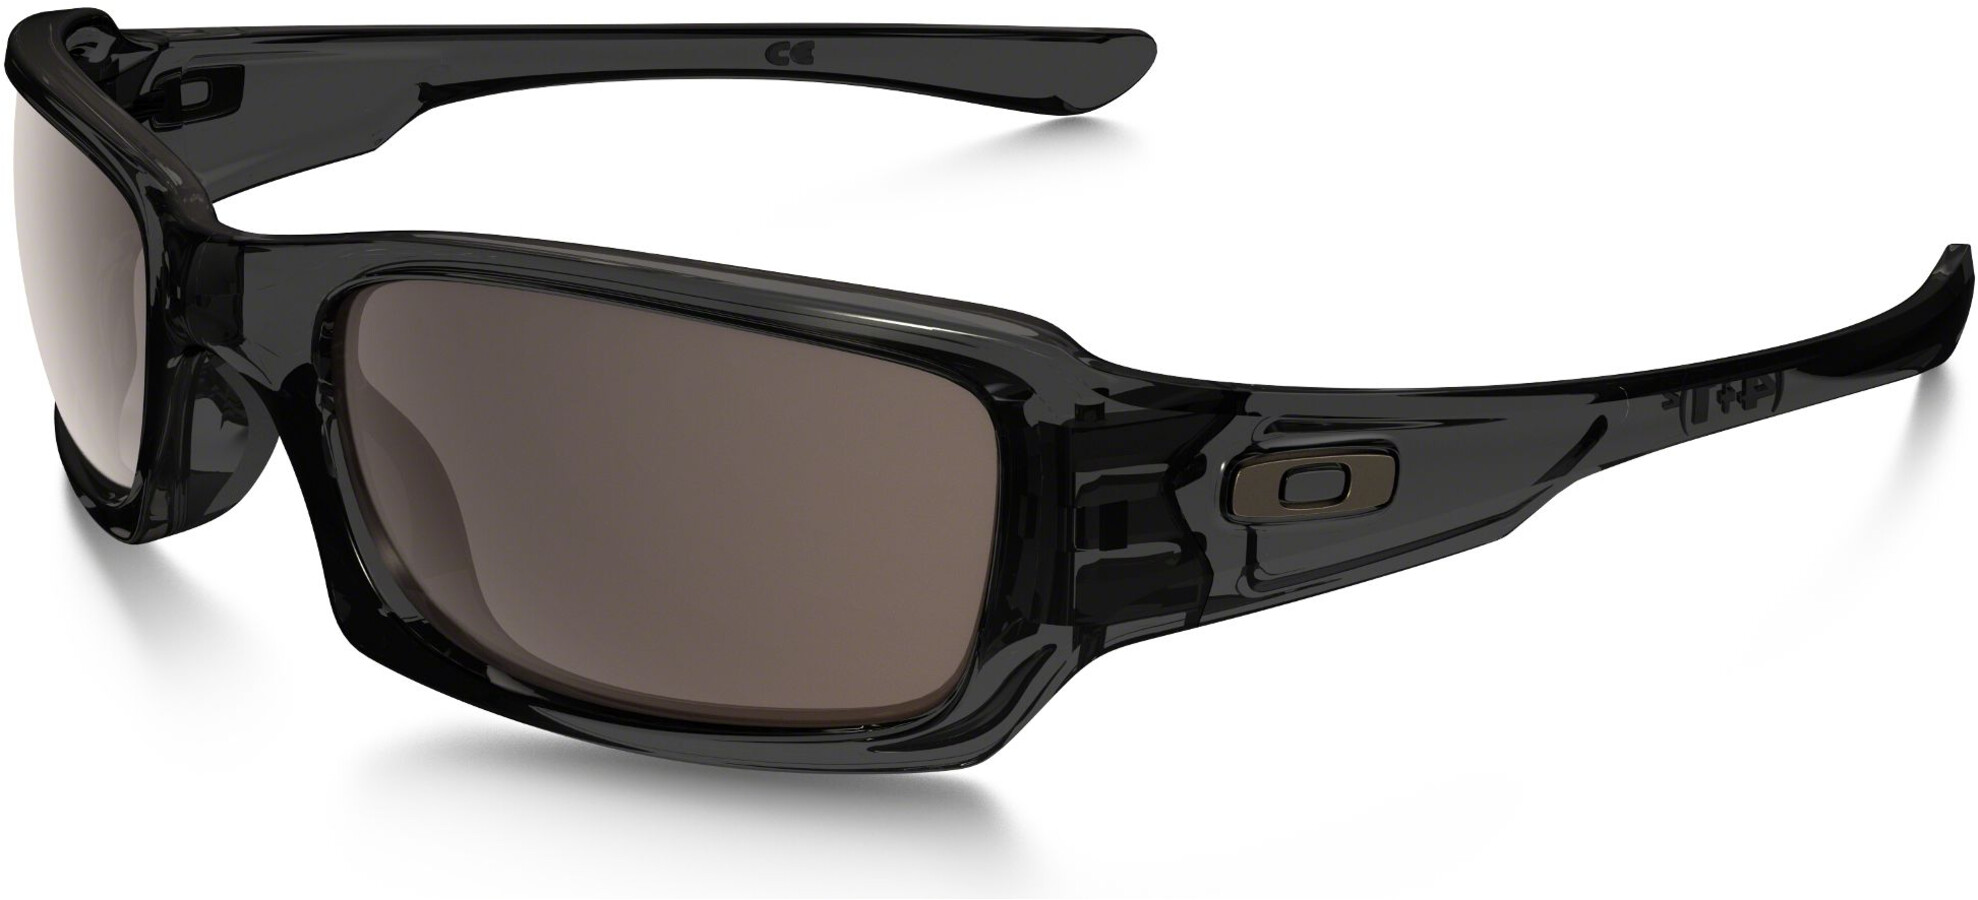 15c900d0f05075 Oakley Fives Squared - Lunettes cyclisme - noir - Boutique de vélos ...